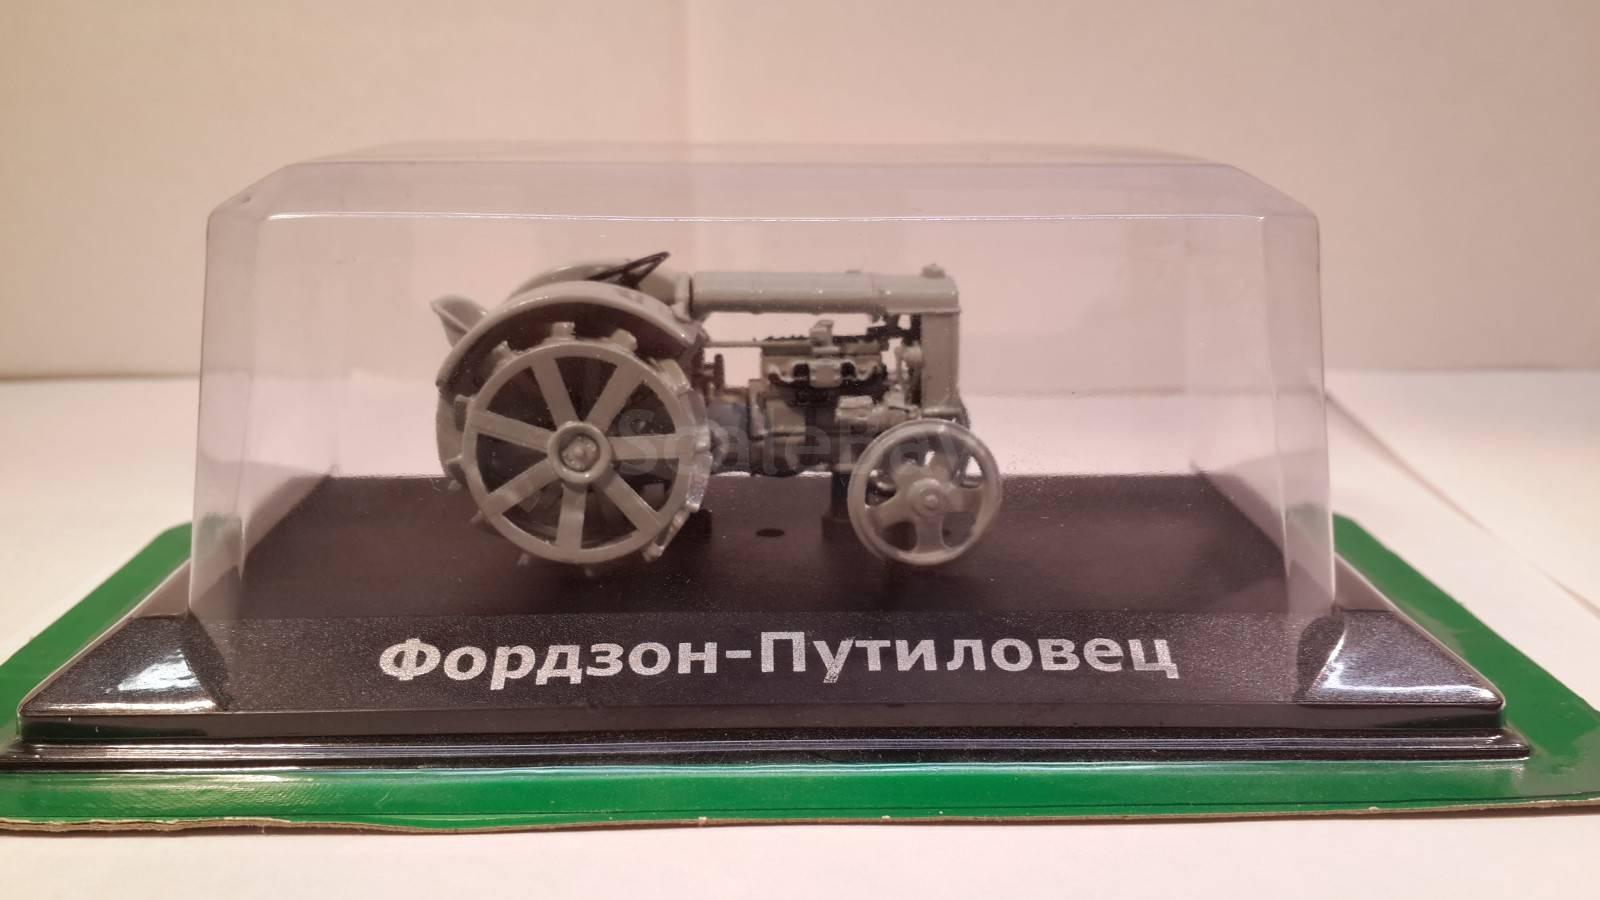 Тракторы. История, люди, машины. (Hachette collections)